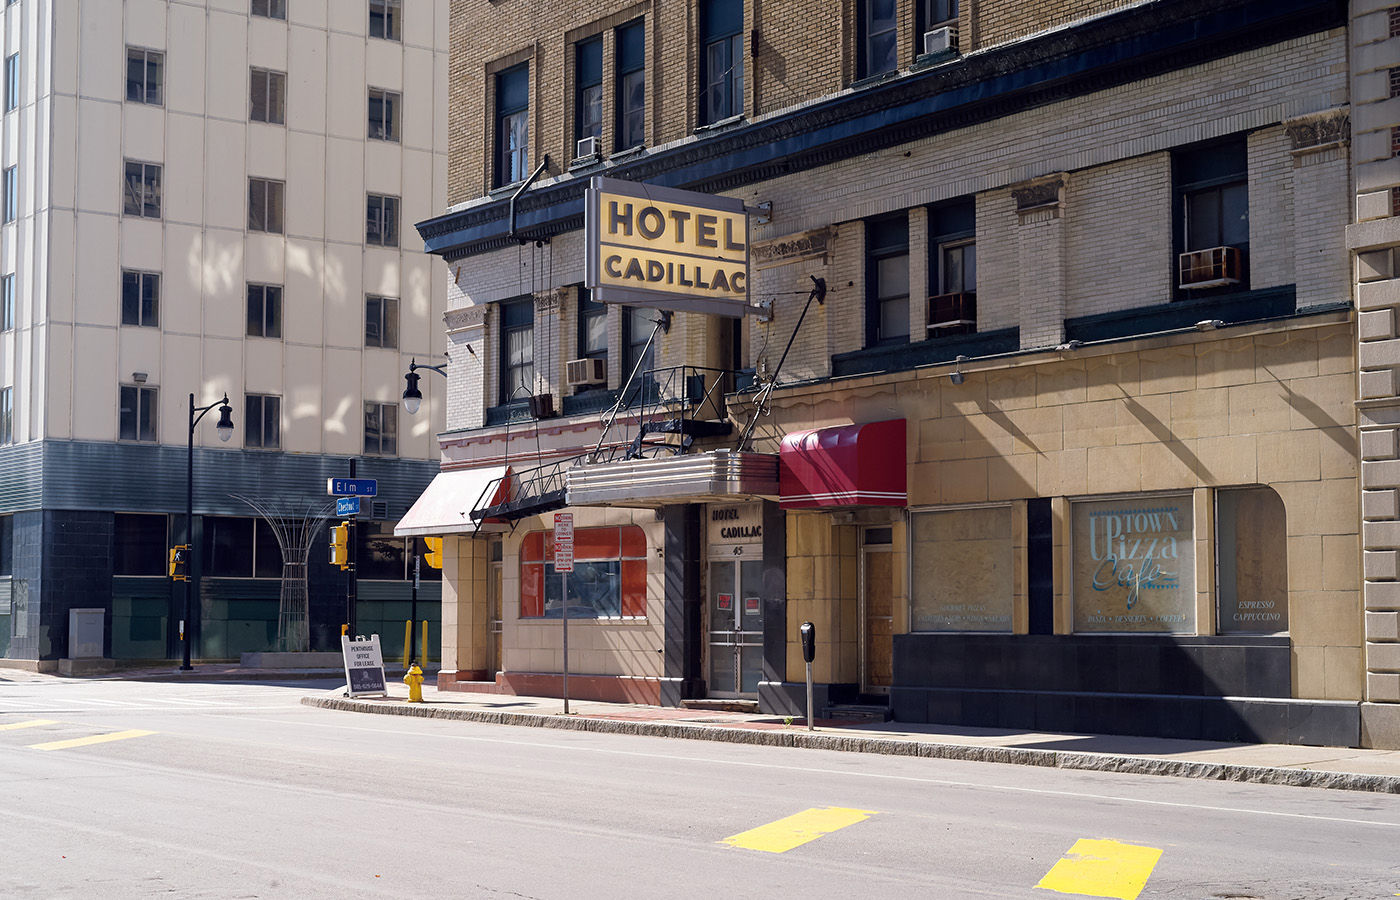 ダウンタウンに古くからあるホテル。現在は閉鎖され看板だけが残っている。